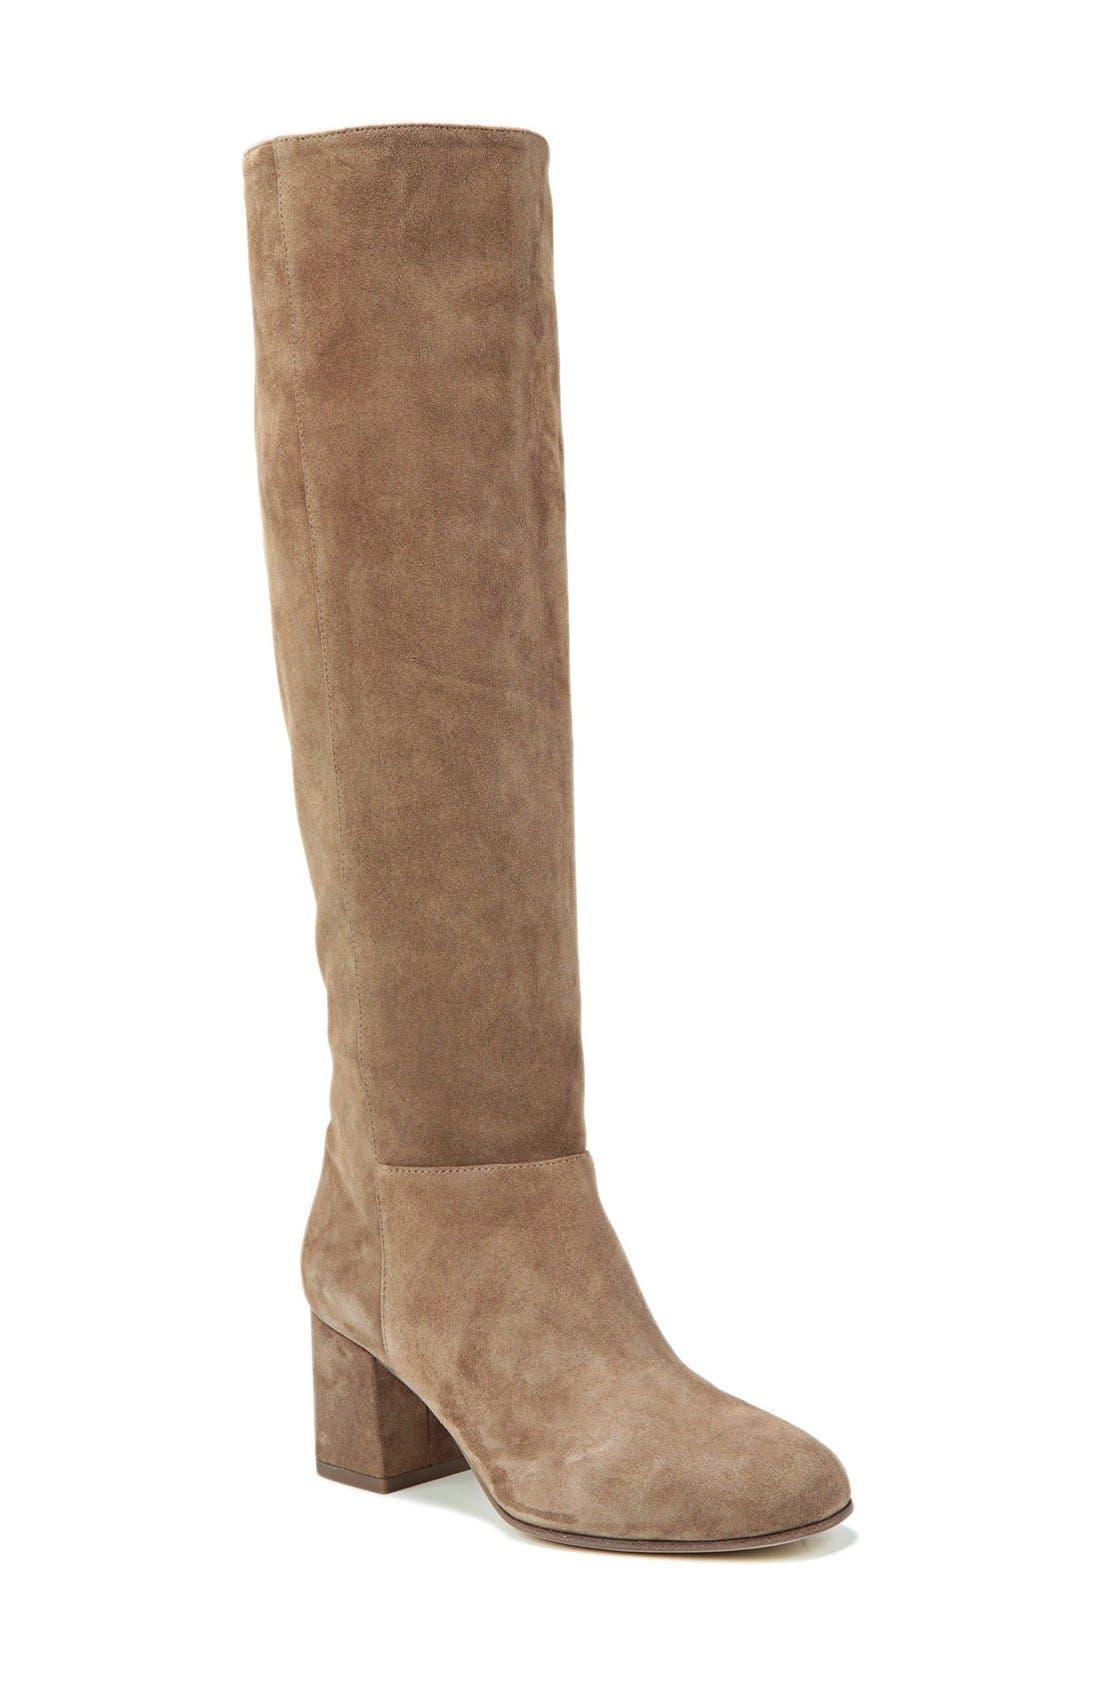 Alternate Image 1 Selected - Via Spiga Mellie Knee High Boot (Women)